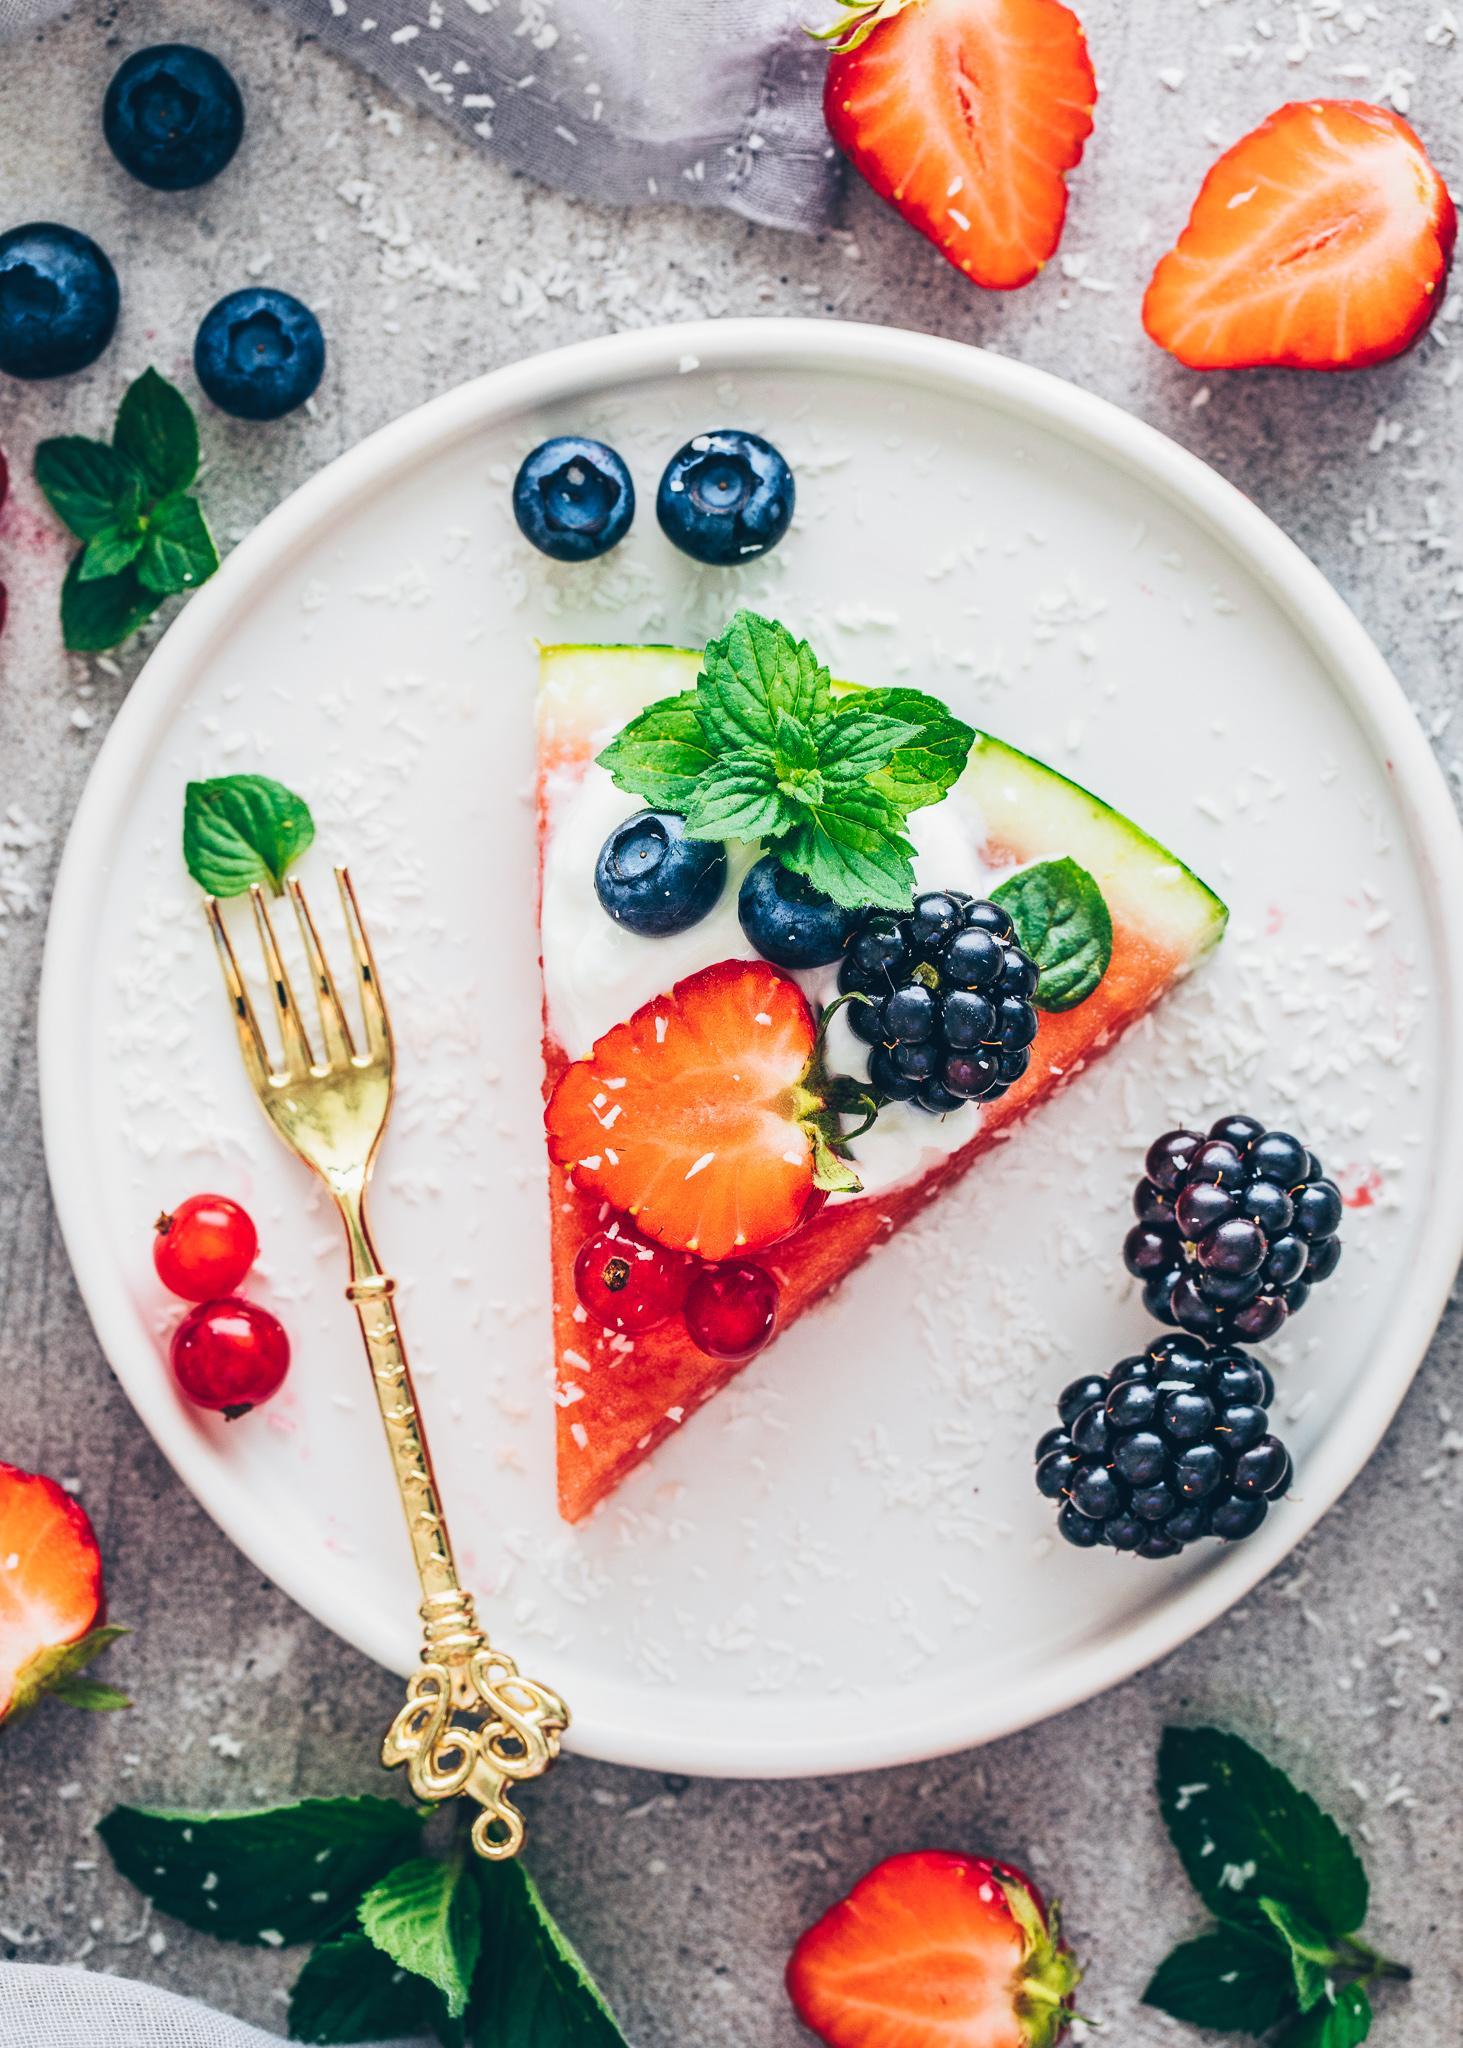 Wassermelonen-Pizza mit Früchten und Beeren (Food Fotografie, Food Styling)